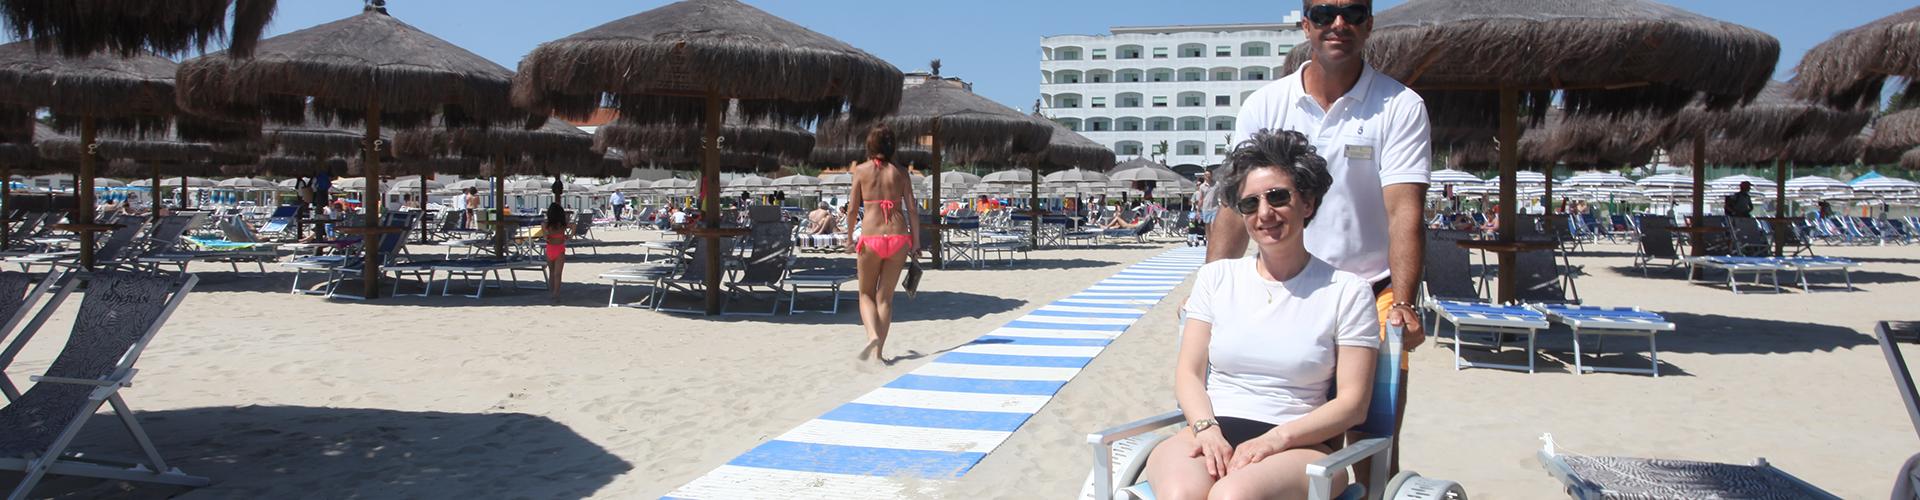 GRAND HOTEL DON JUAN. Playa con silla de ruedas de aluminio.